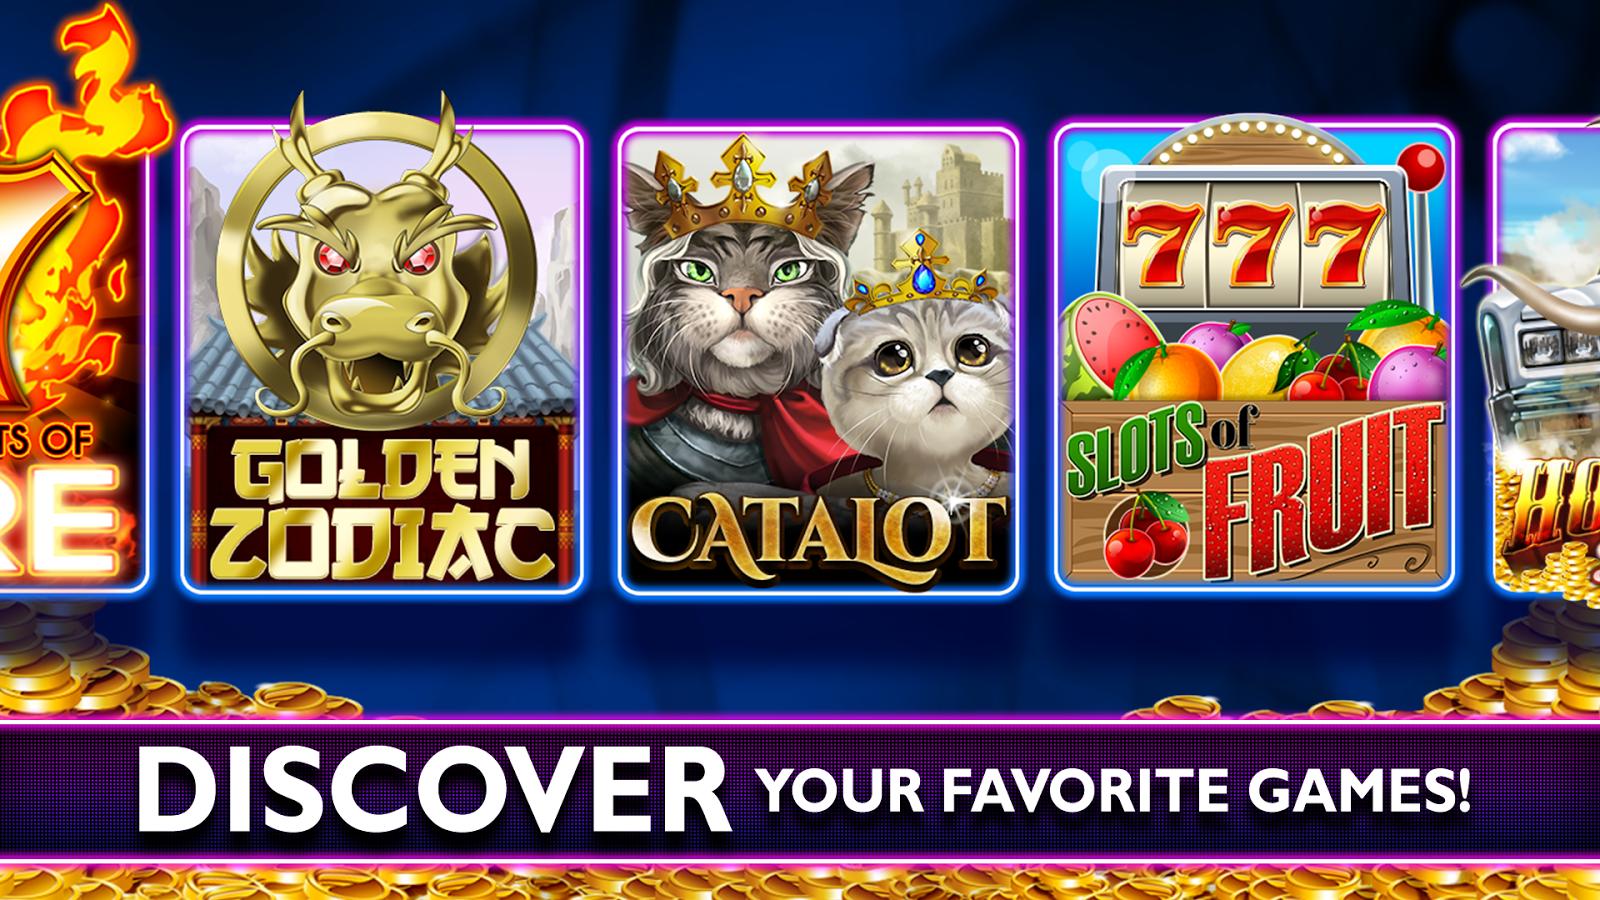 online casino erfahrung games twist slot